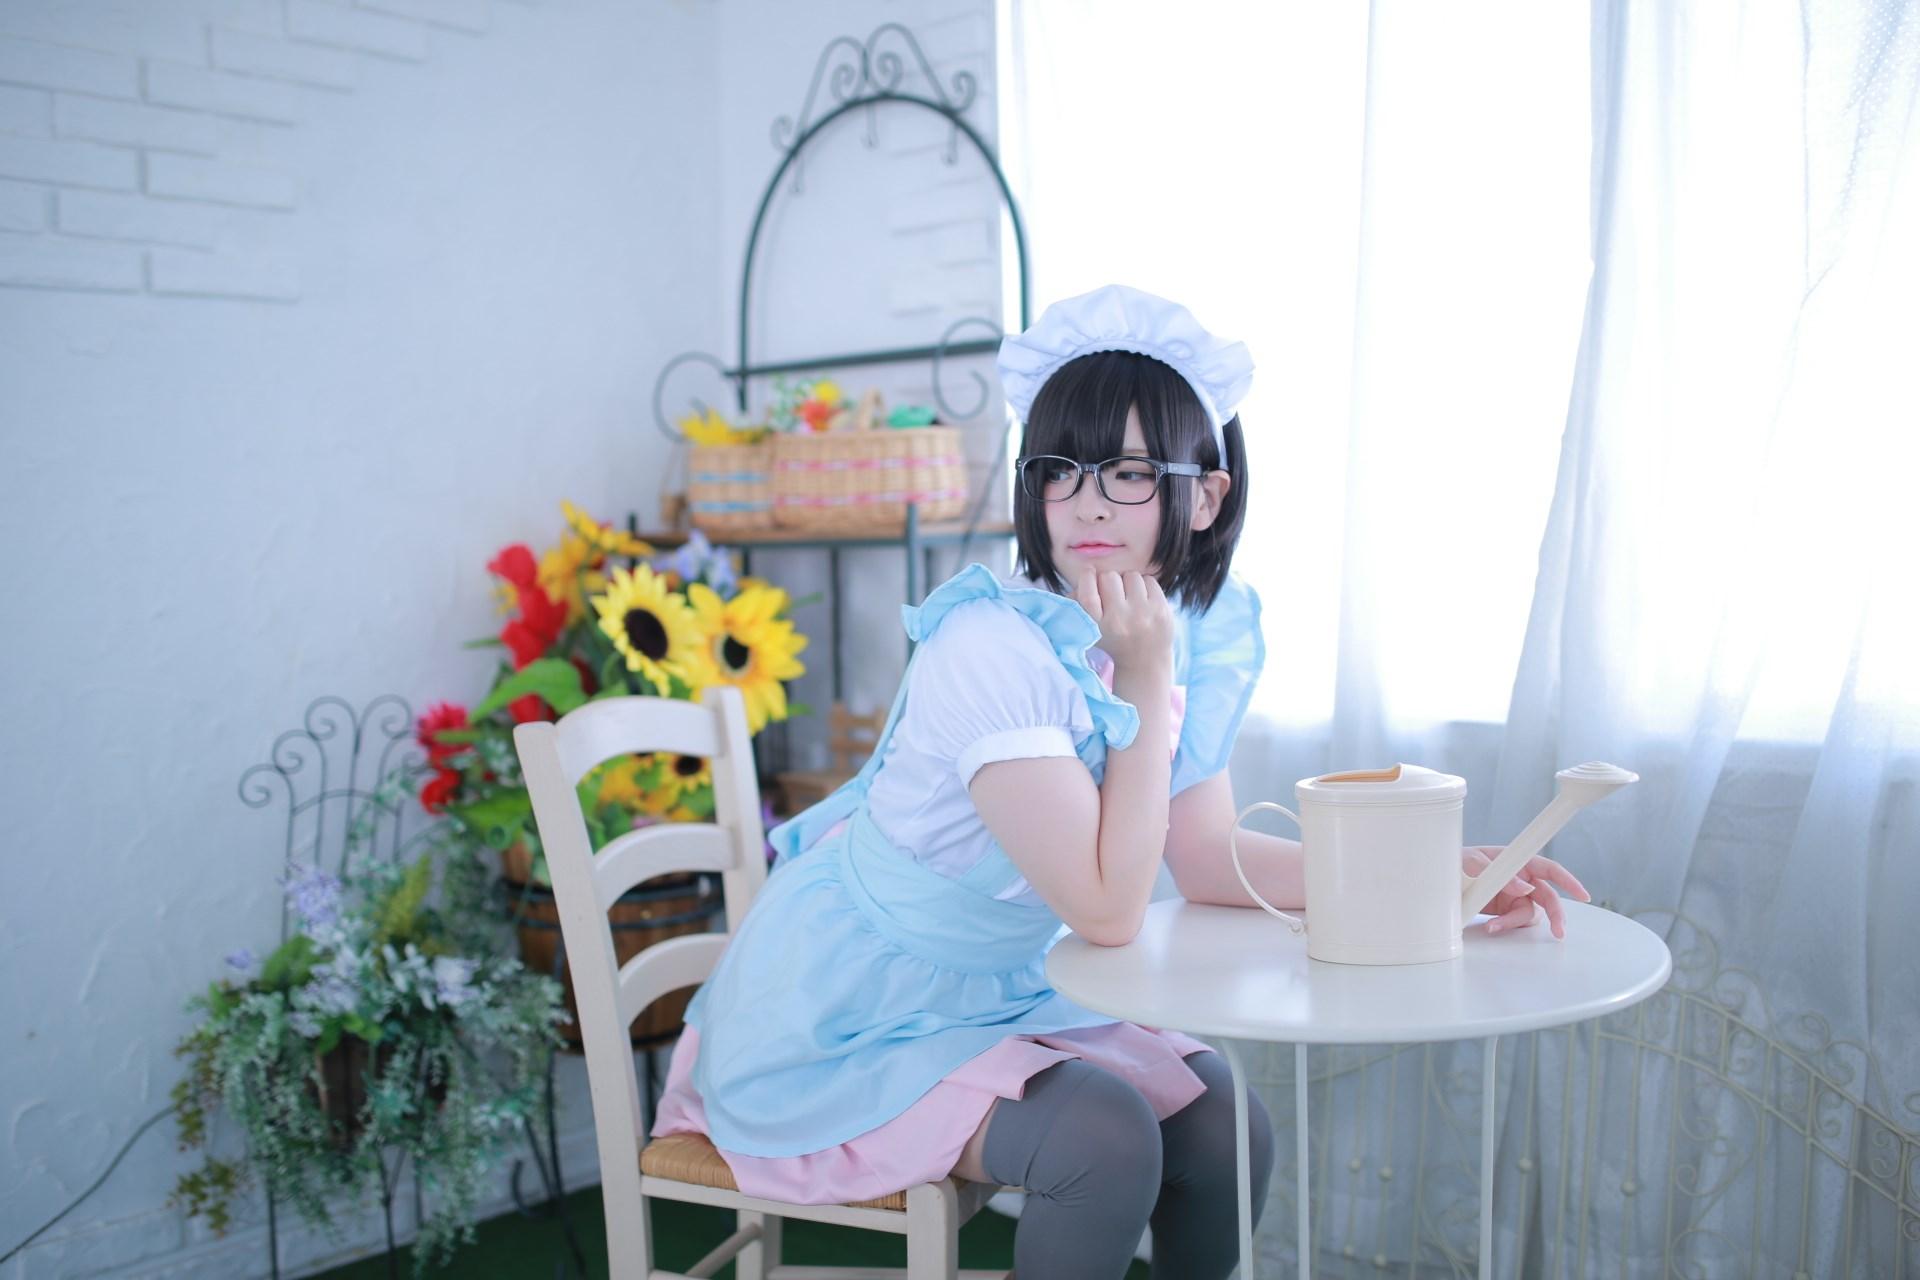 【兔玩映画】眼镜女仆 兔玩映画 第34张